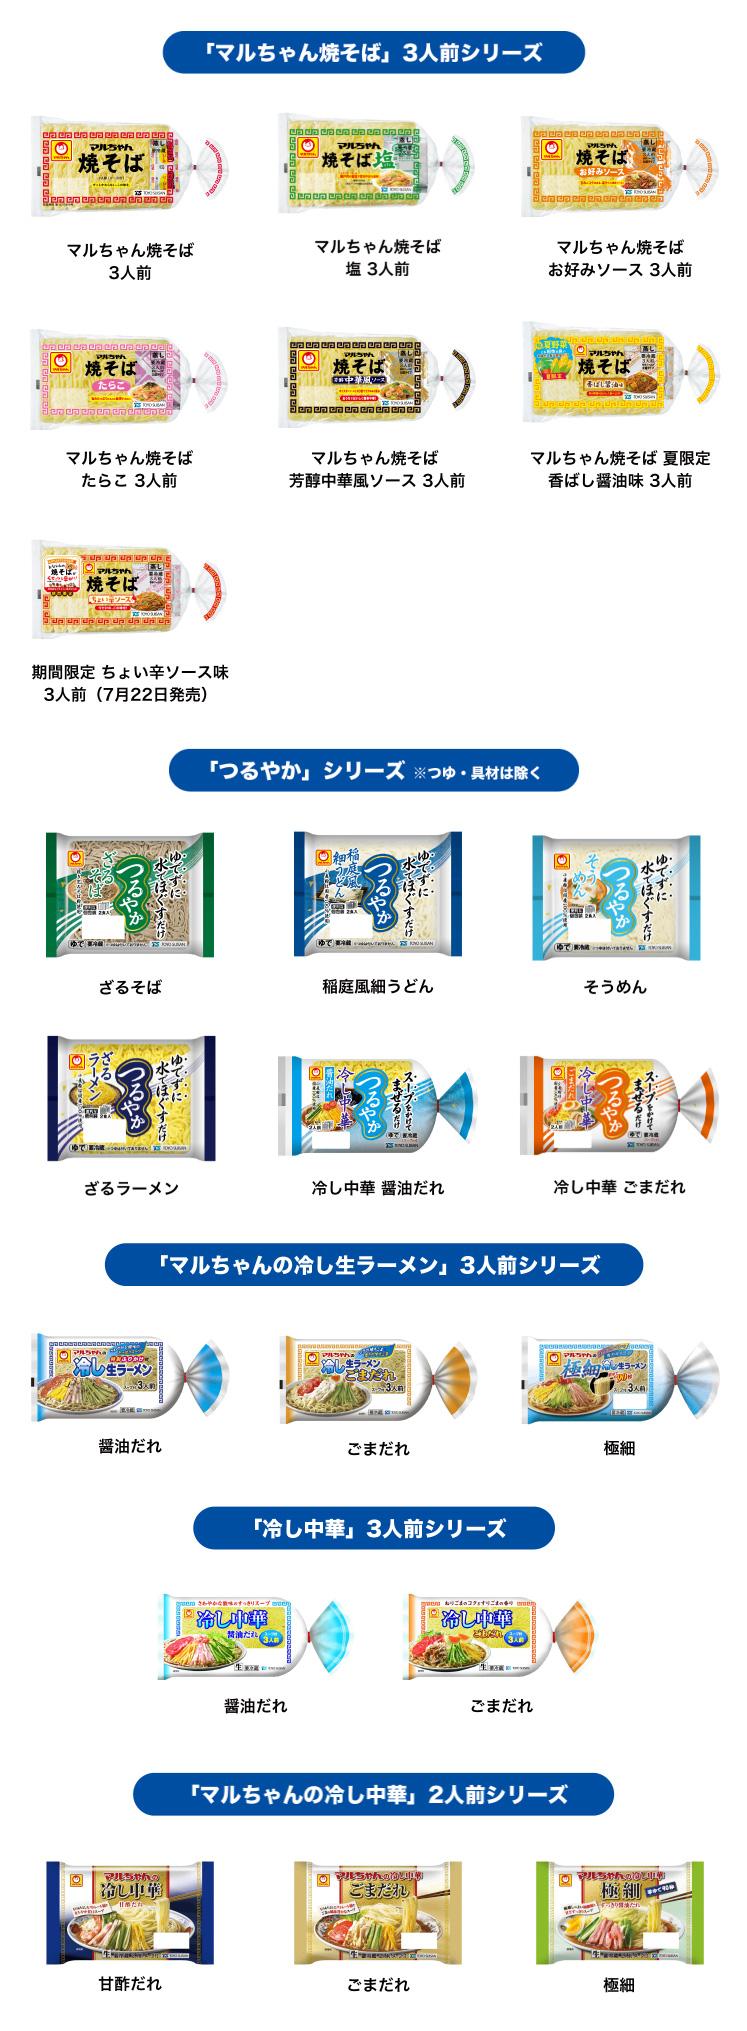 マルちゃん ポケモン映画 ミュウツーの逆襲 懸賞キャンペーン2019夏 対象商品